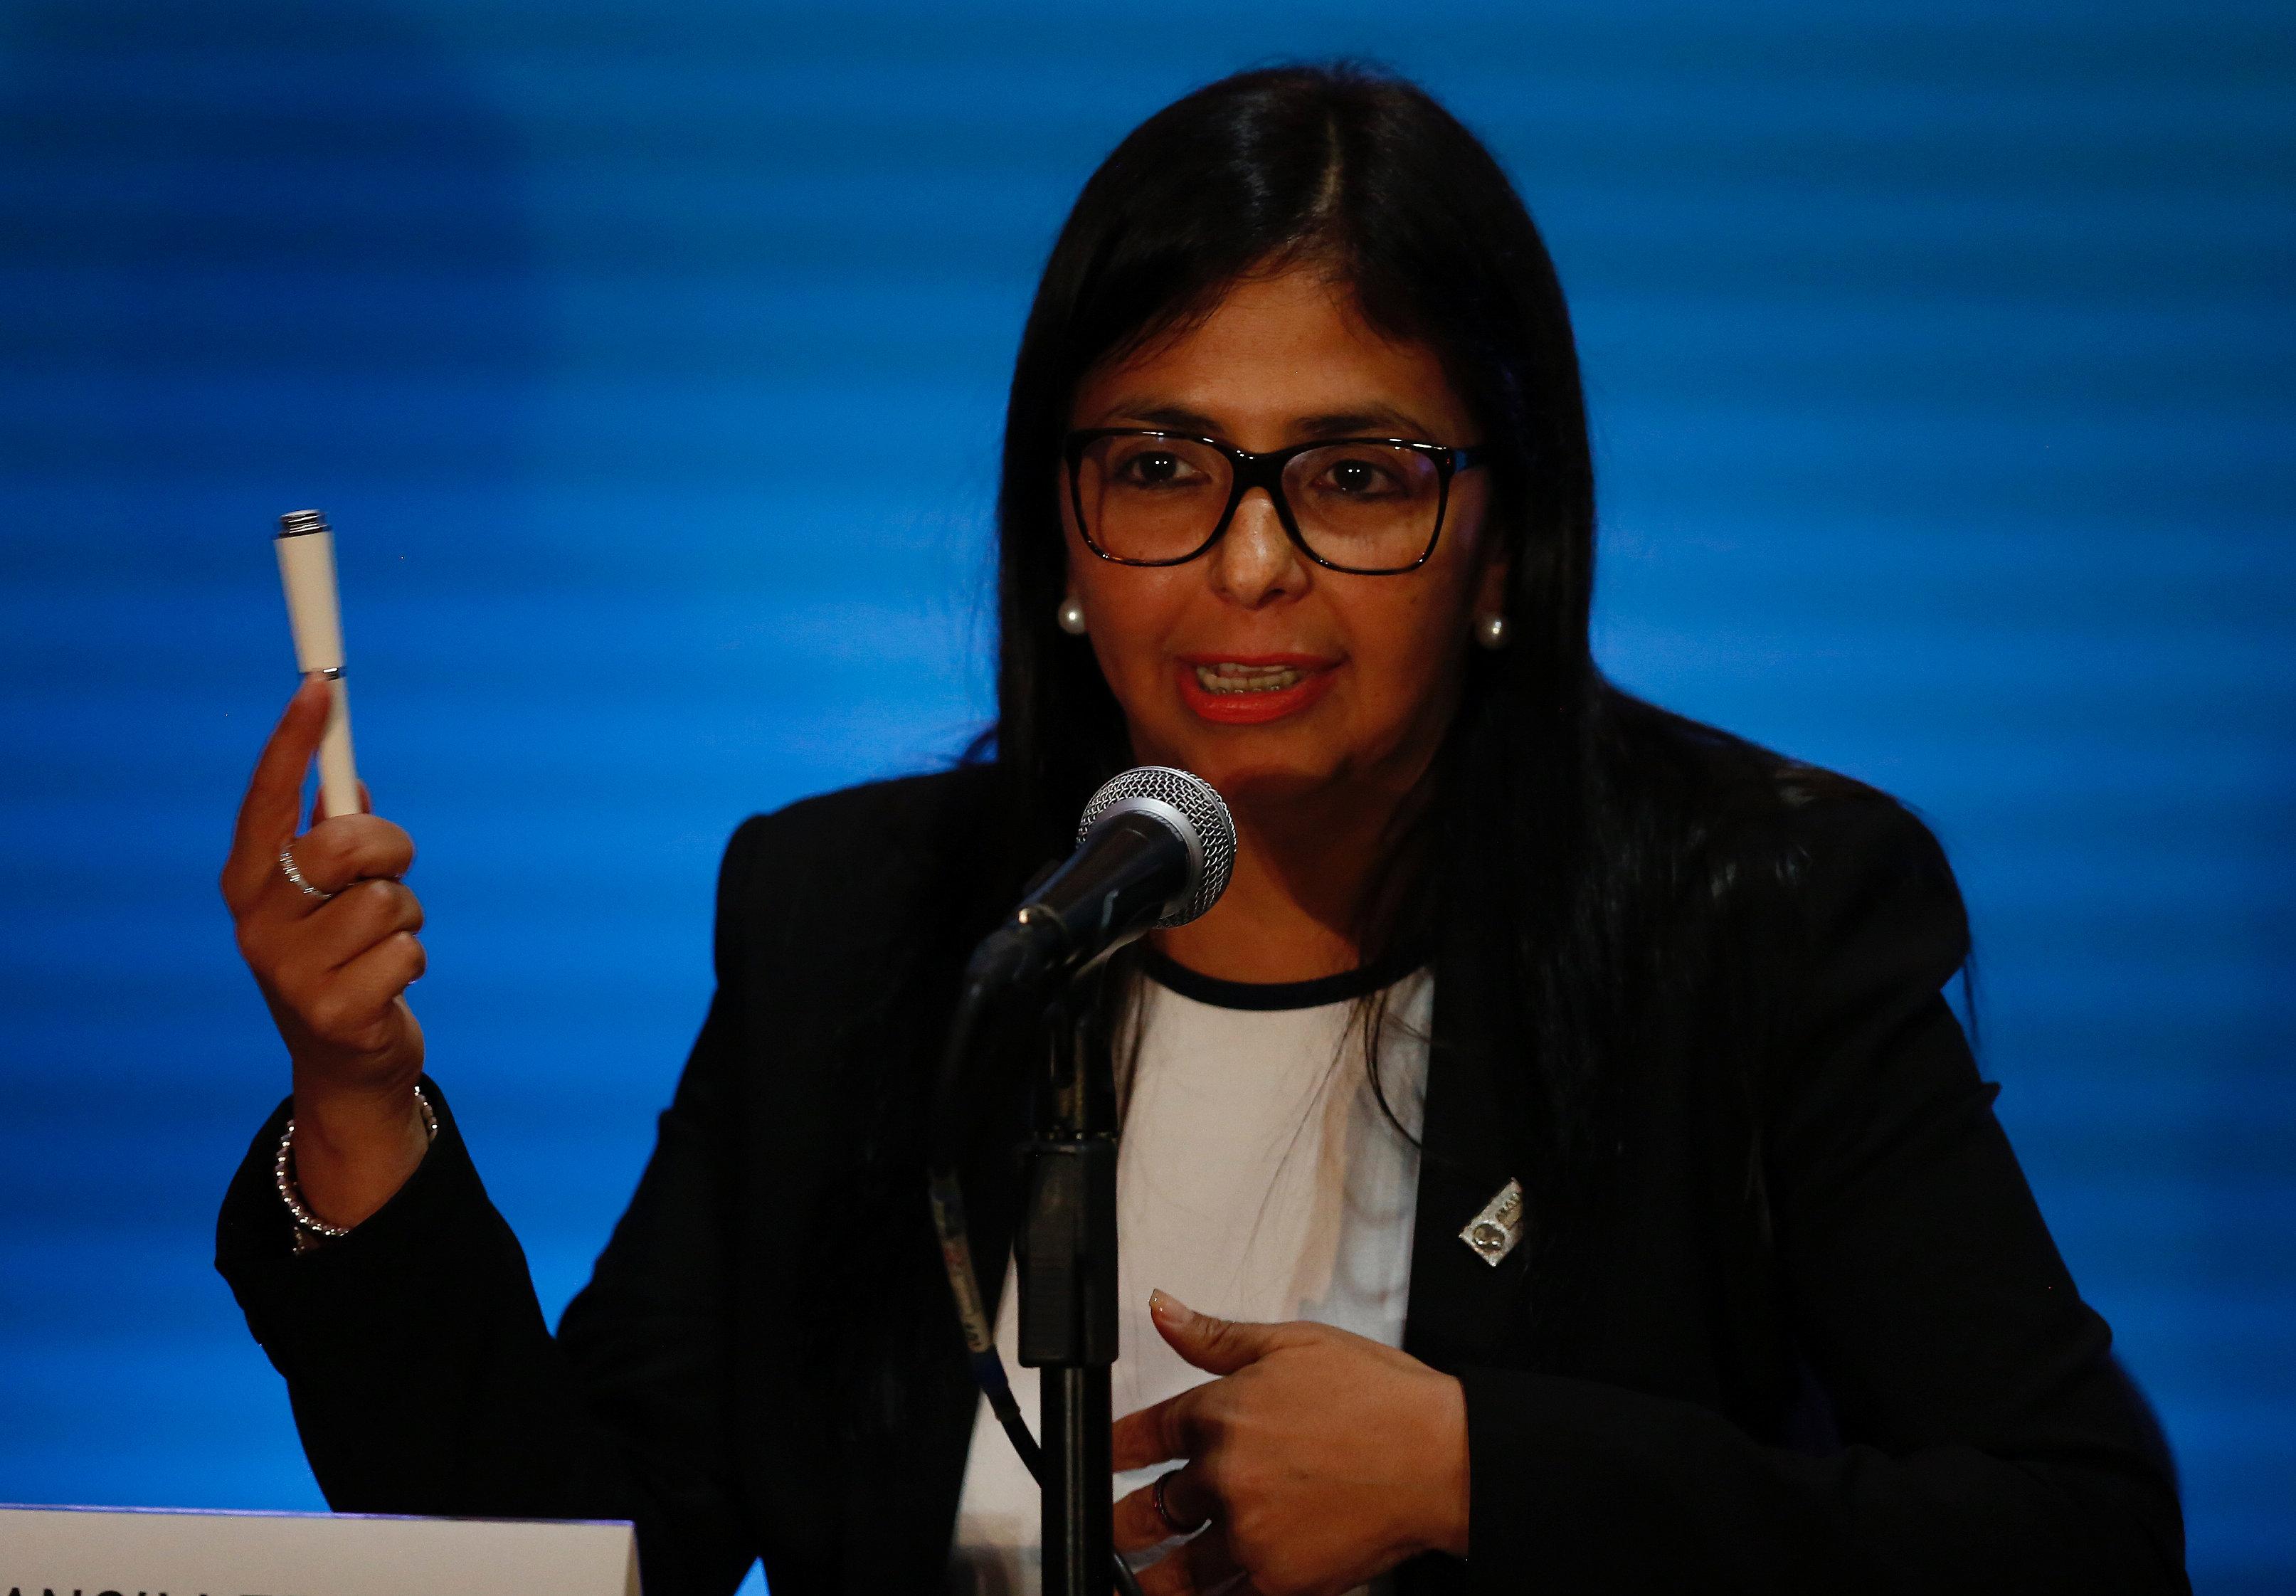 La canciller de la República, Delcy Rodríguez durante la sesión de la OEA de este lunes 19 de junio de 2017. REUTERS/Carlos Jasso